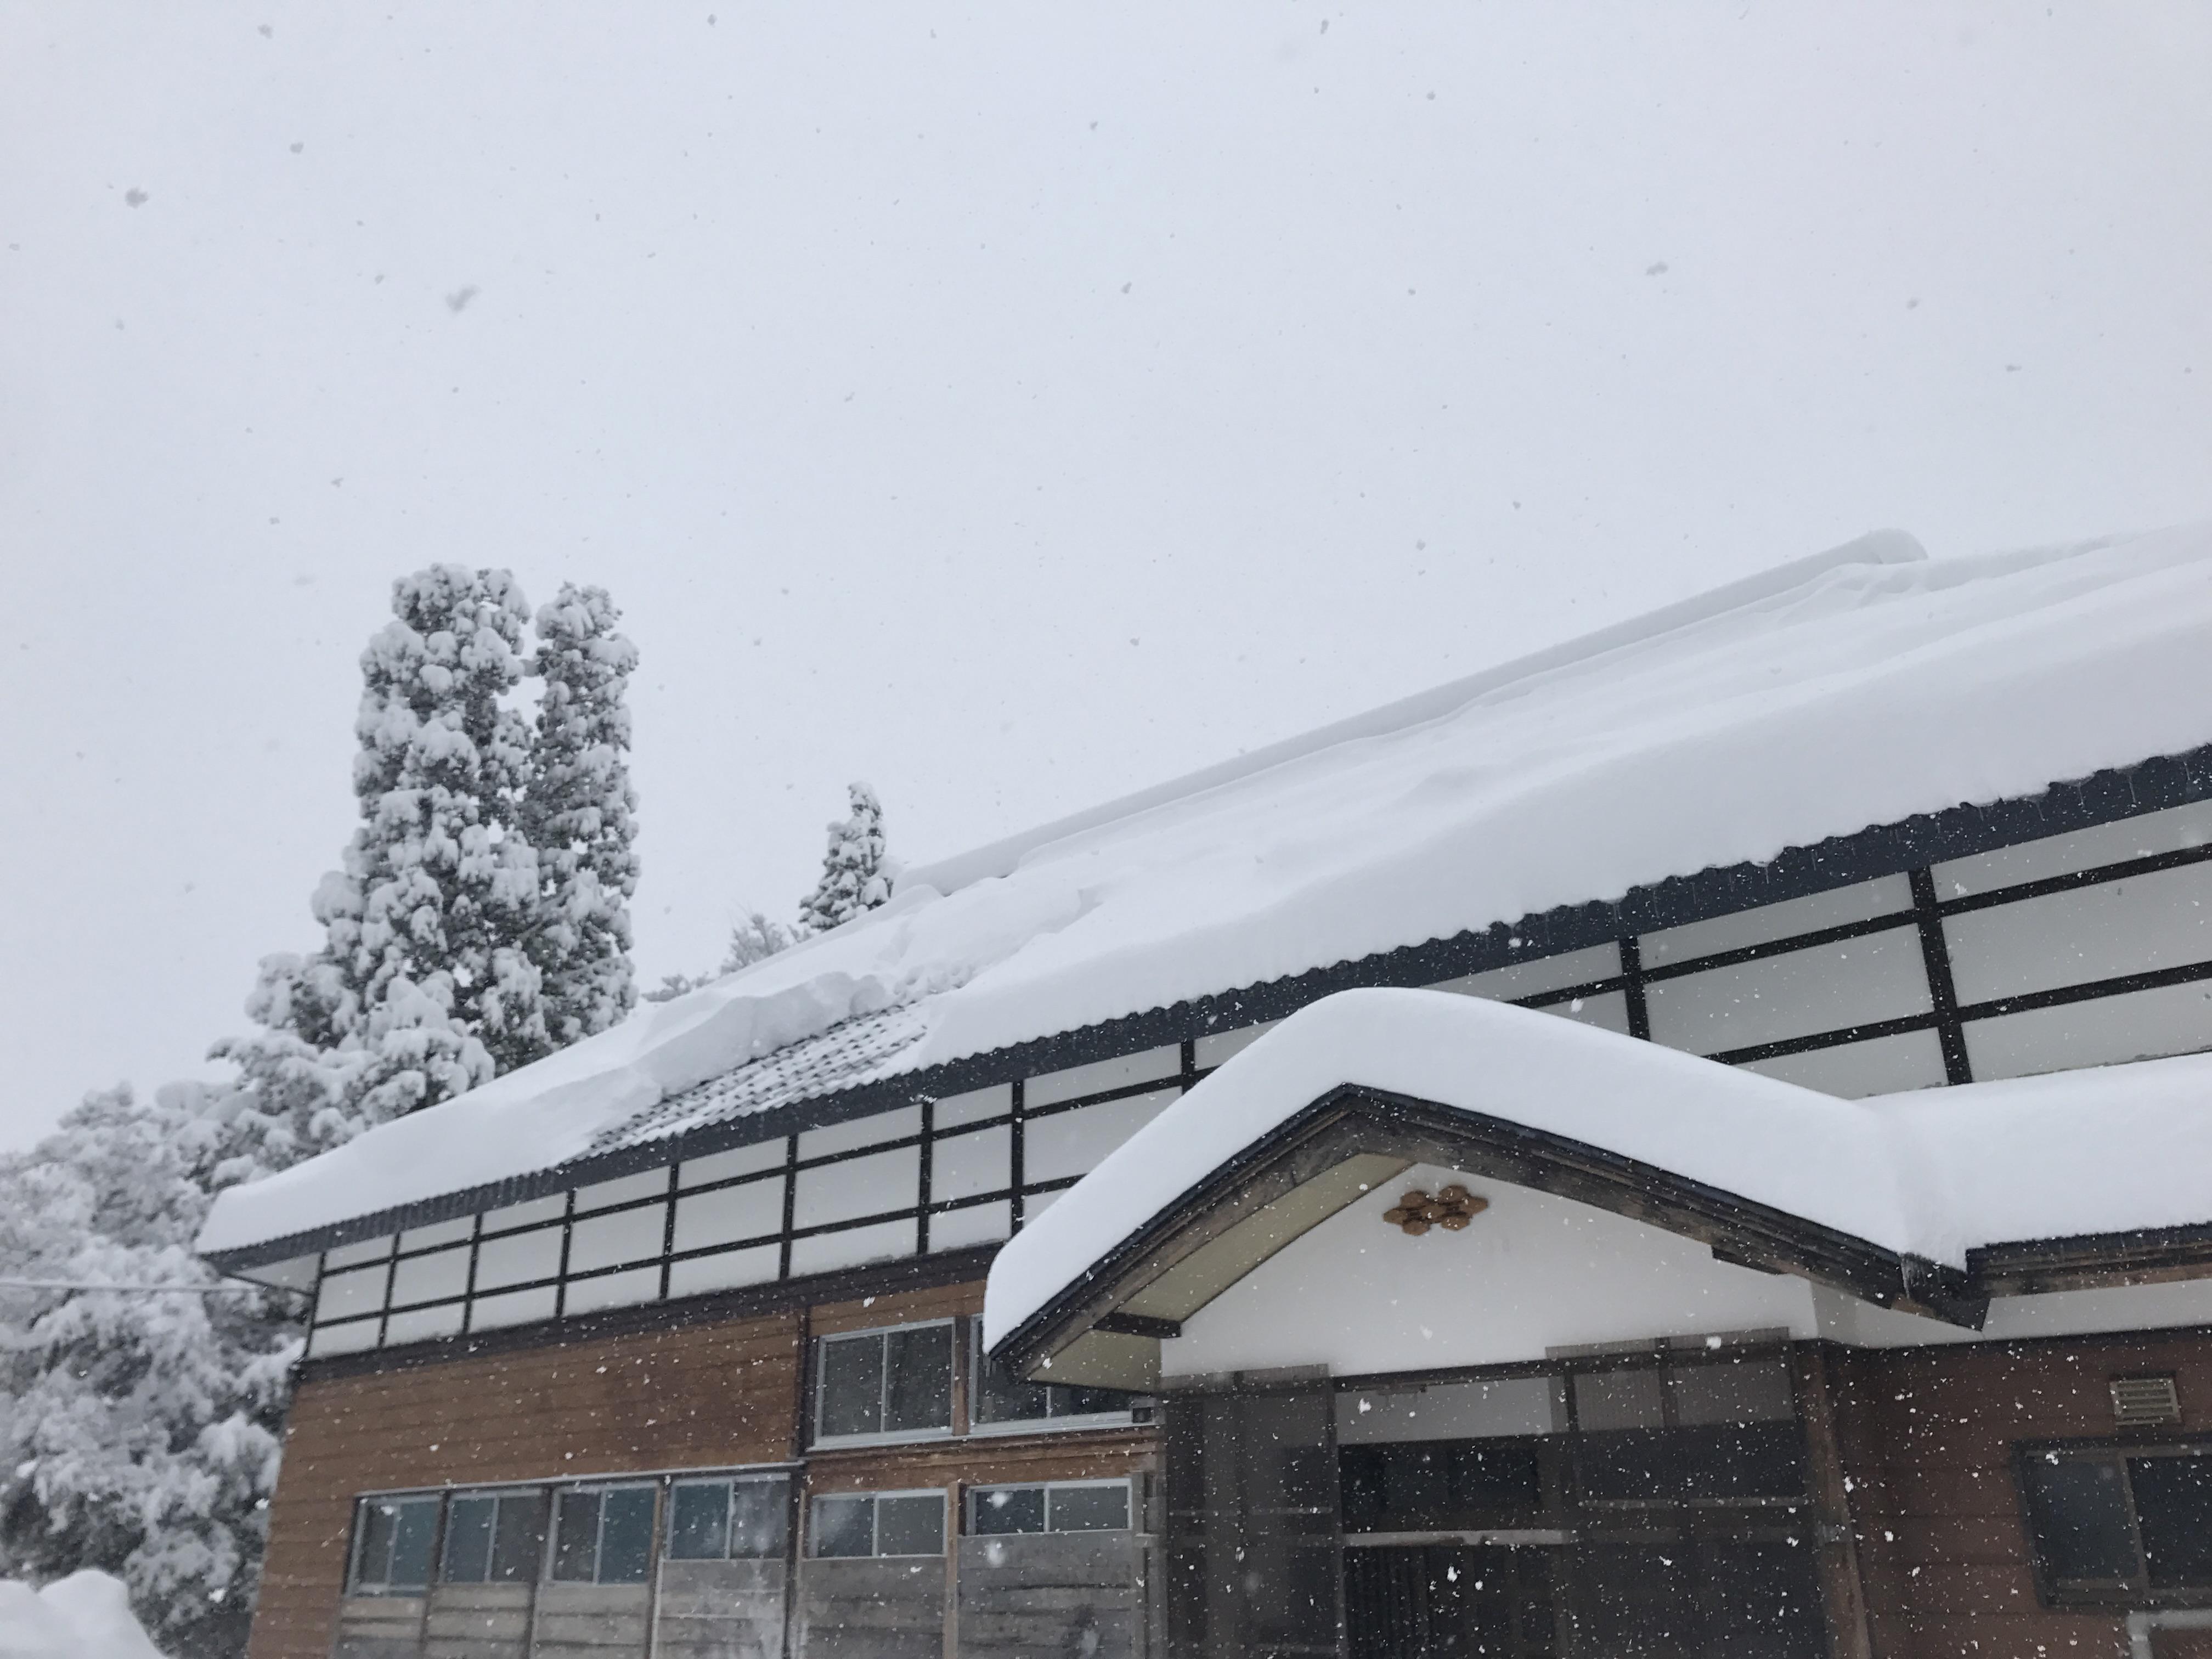 屋根から落ちる雪